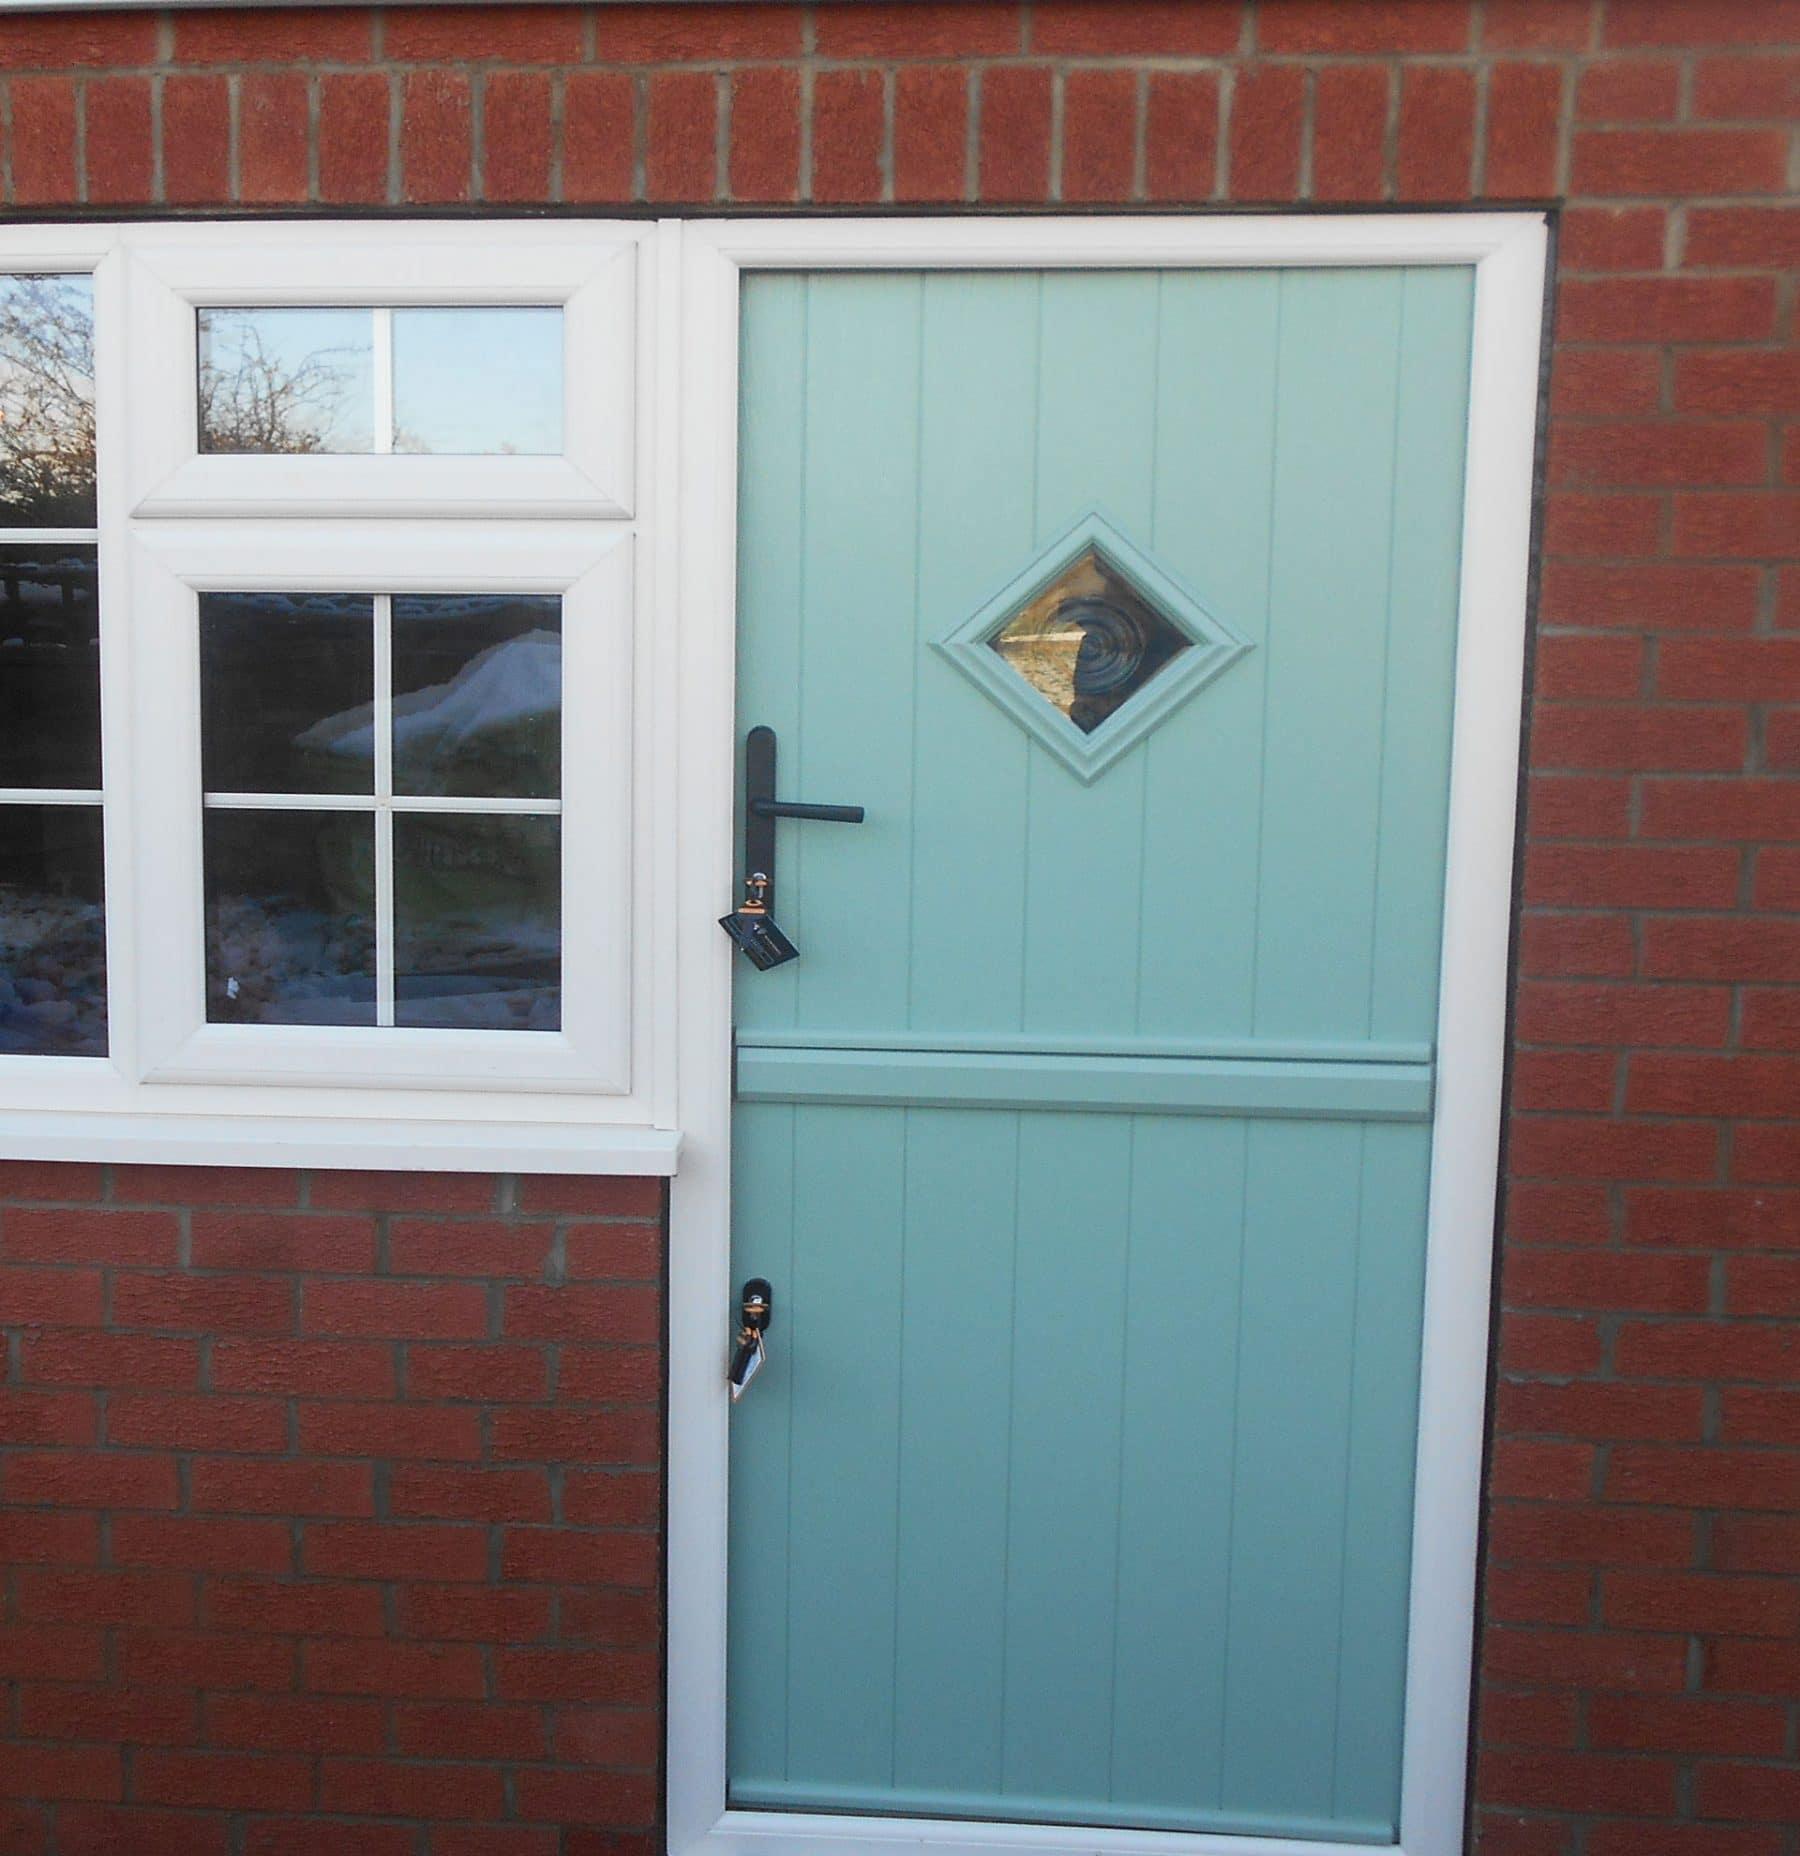 stable-door-cropped2